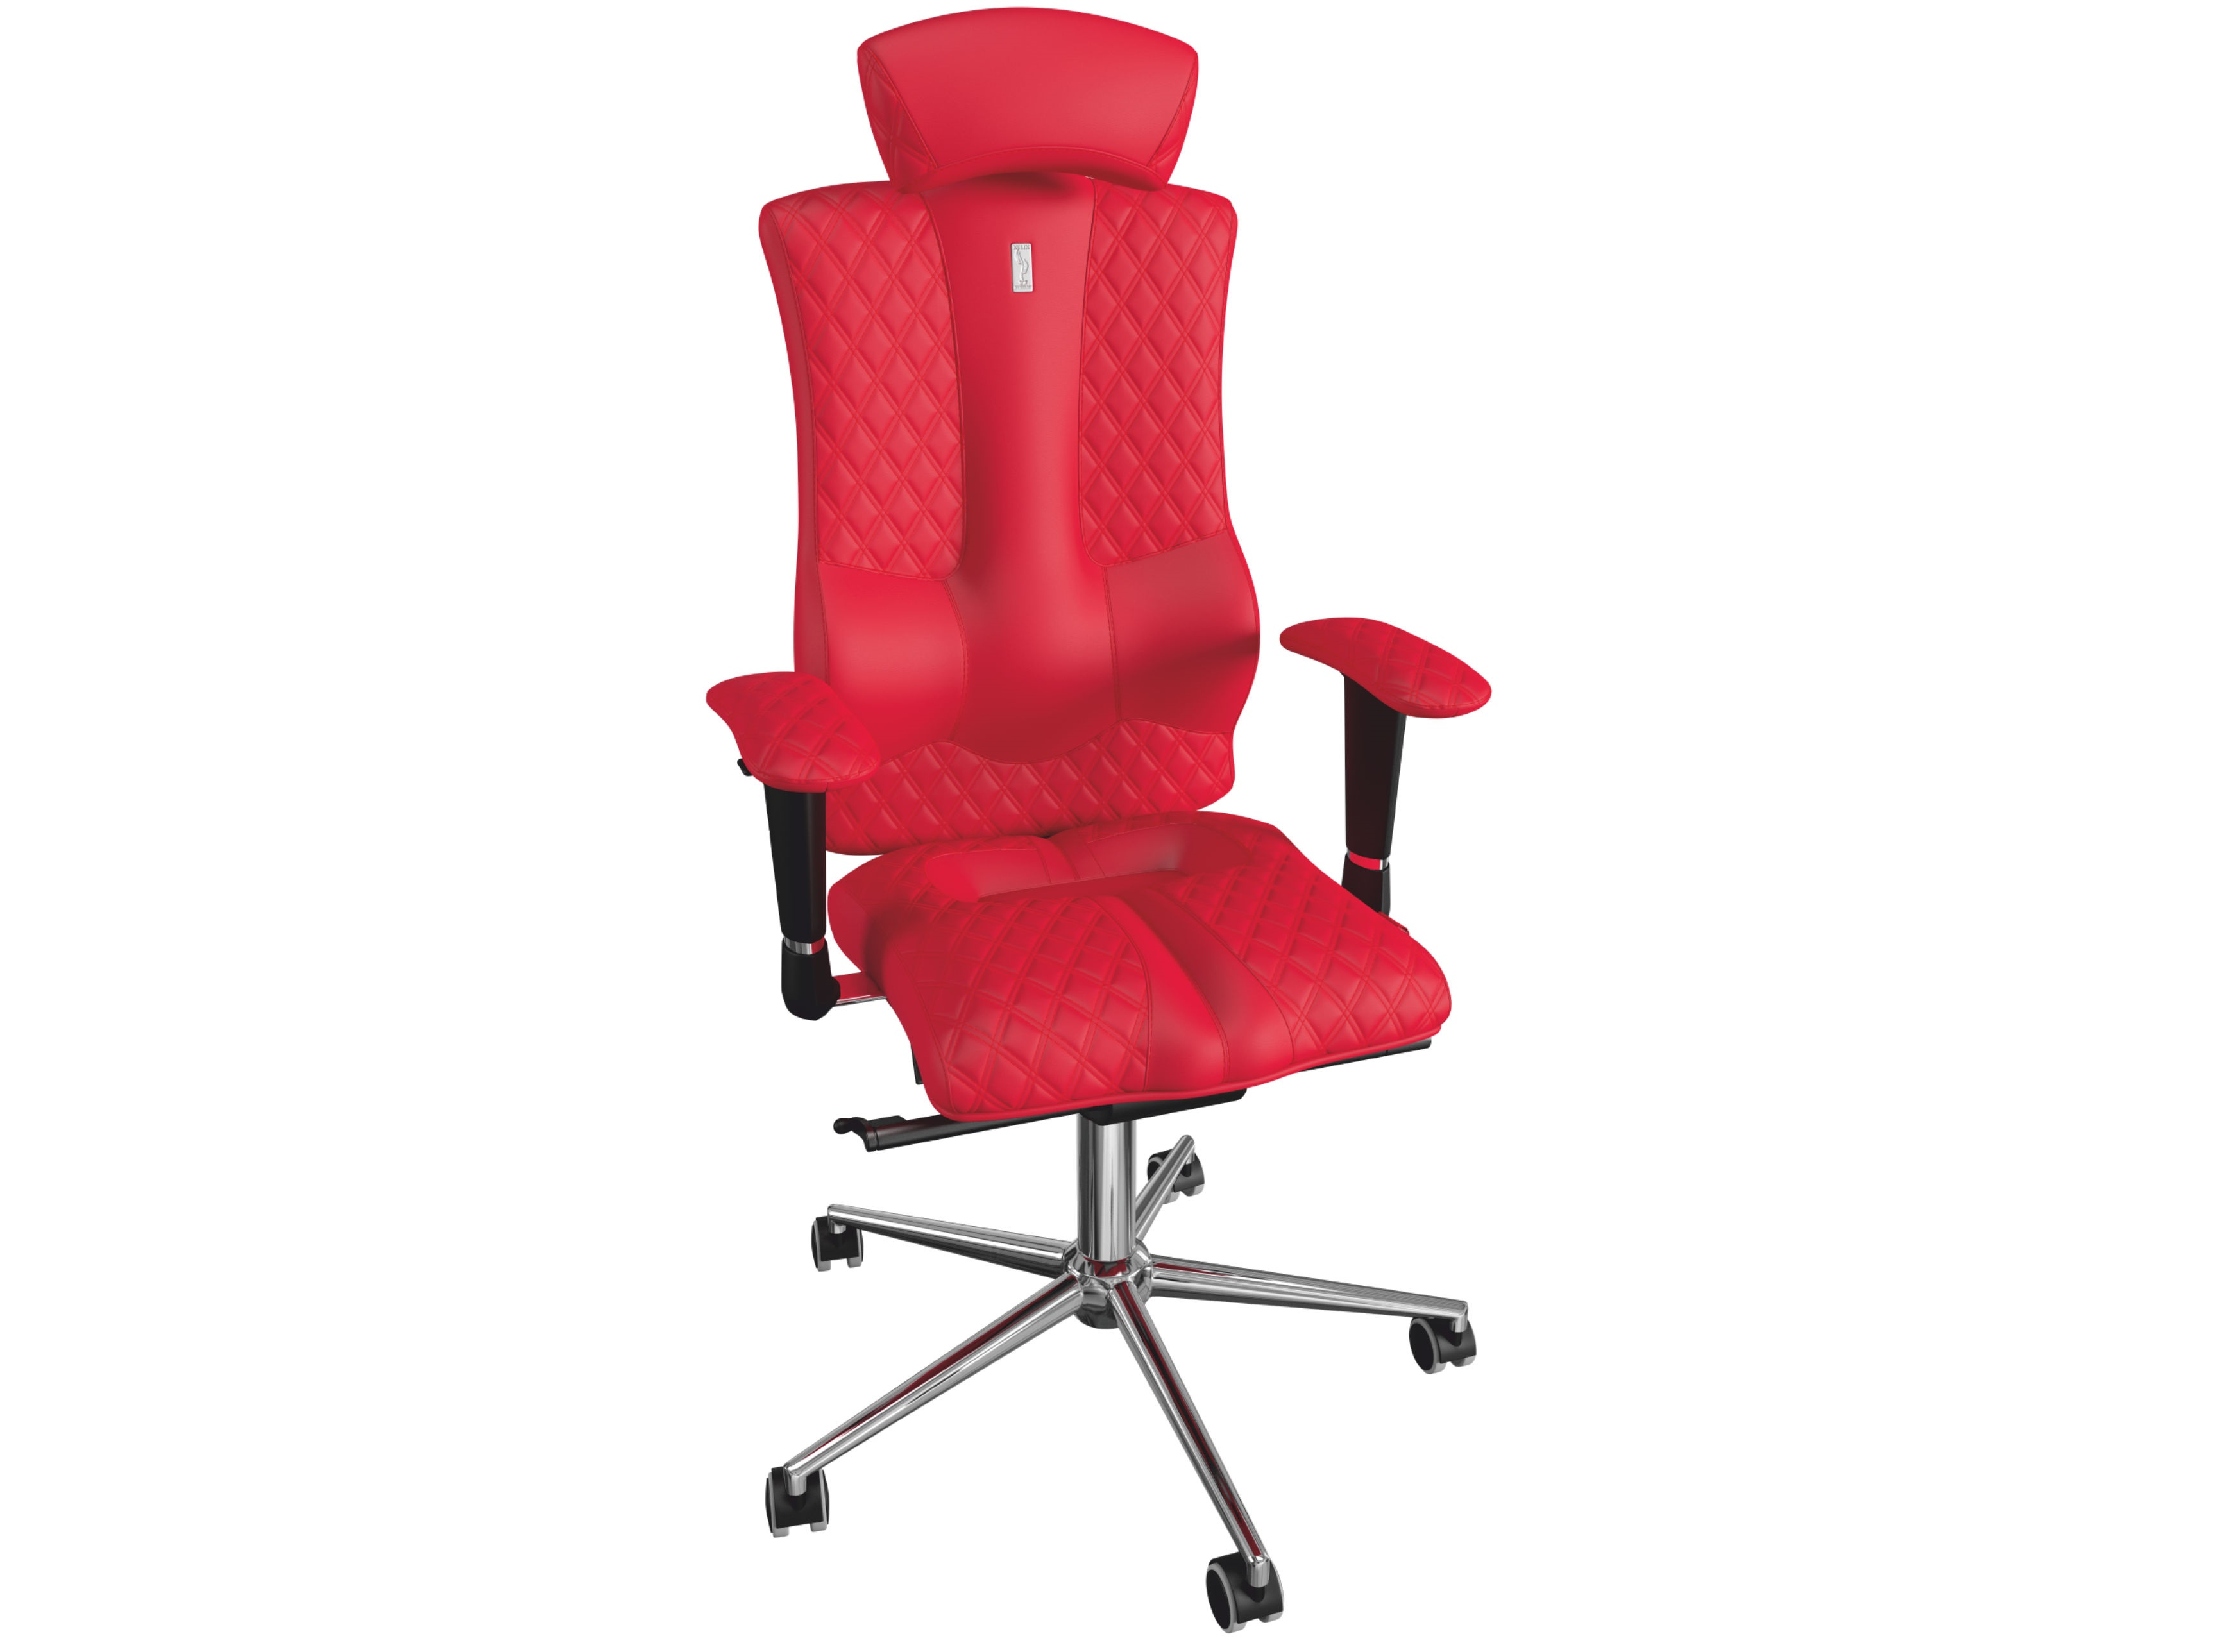 Кресло ELEGANCEРабочие кресла<br>На это кресло невозможно не обратить внимание. Изысканный вид и благородная элегантность модели дарят его владельцу ощущение гармонии и совершенства. Такое кресло идеально впишется в любой интерьер, будь то самый современный офис или же уютный дом.&amp;amp;nbsp;<br><br>Material: Кожа<br>Length см: -<br>Width см: 62<br>Depth см: 57<br>Height см: 133<br>Diameter см: None